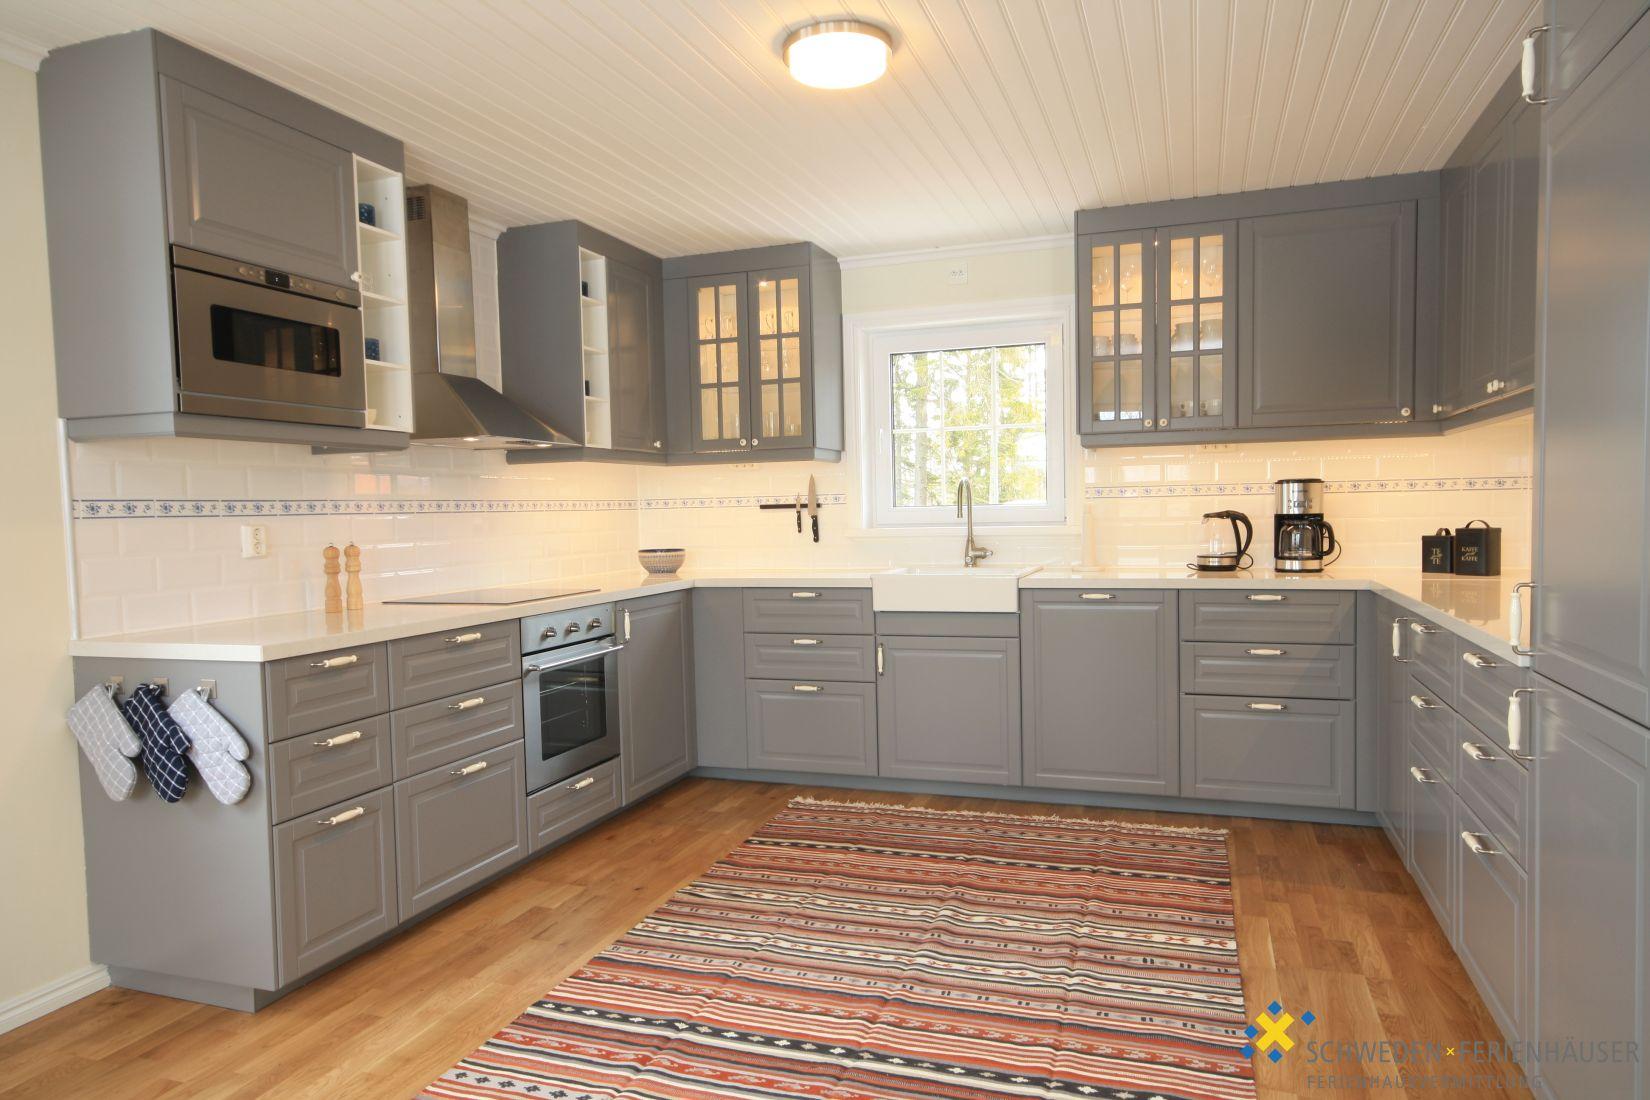 Wohnbereich 1 Mit Kamin Und Offener Küche Mit Essplatz Ferienhaus